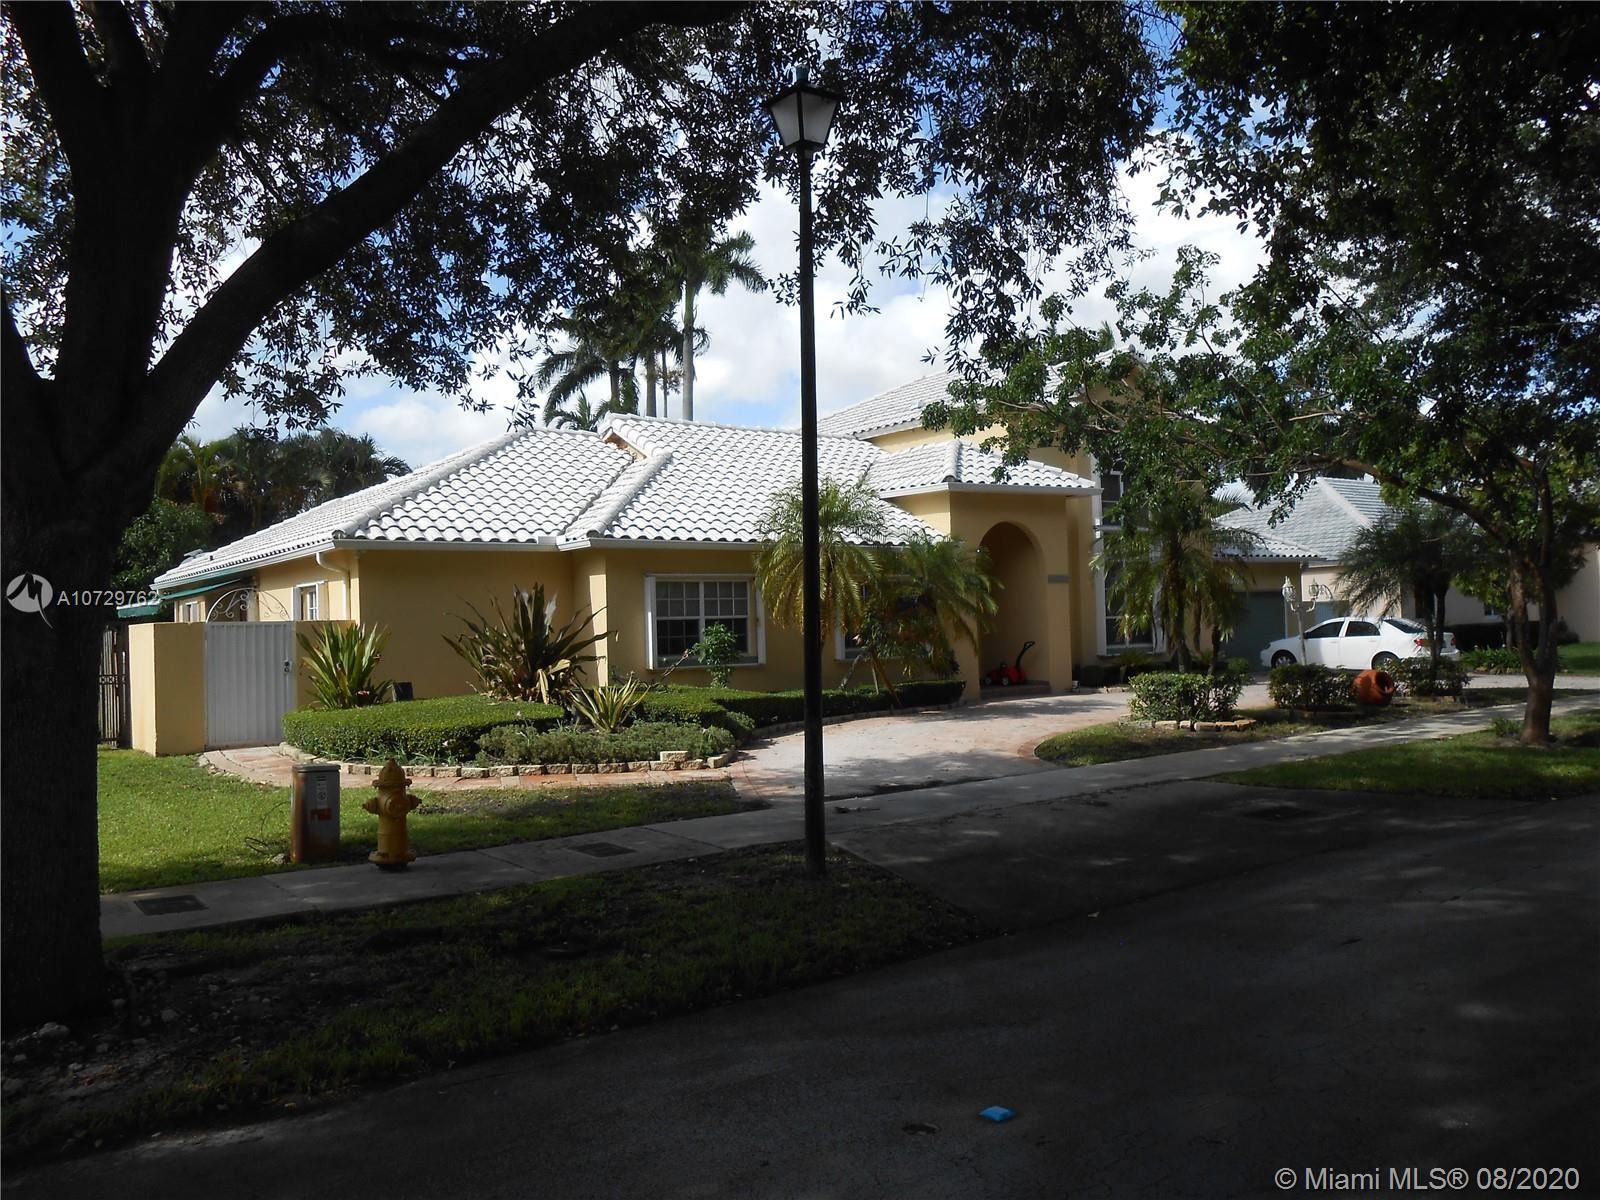 8245 NW 156th Ter, Miami Lakes, FL 33016 - #: A10729762